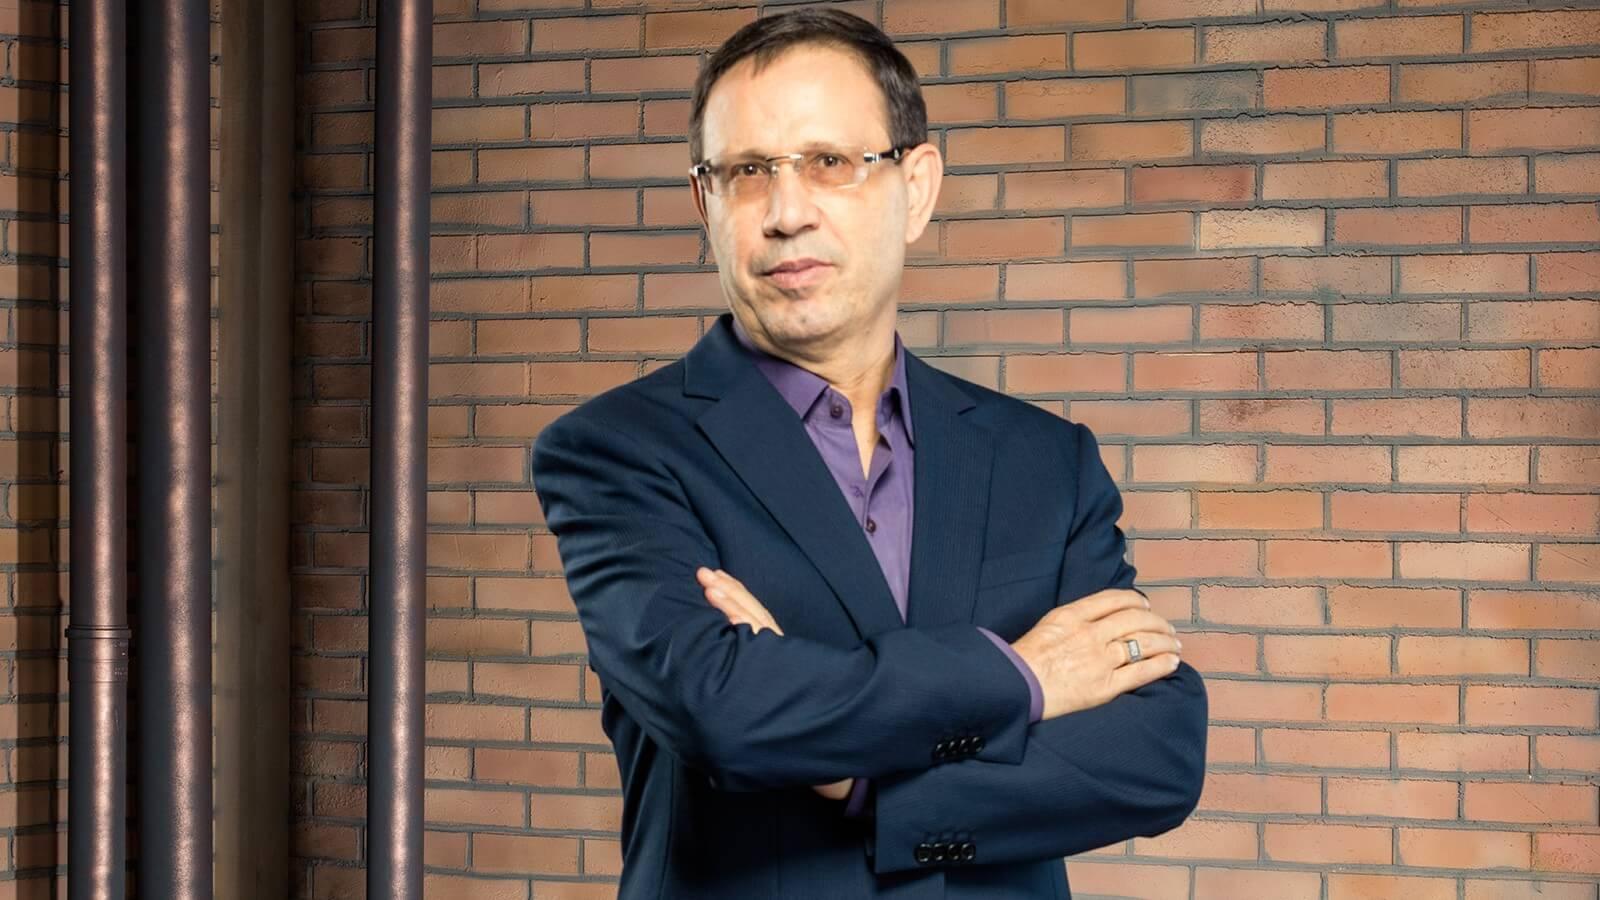 Empreendedores de Sucesso: Carlos Wizard